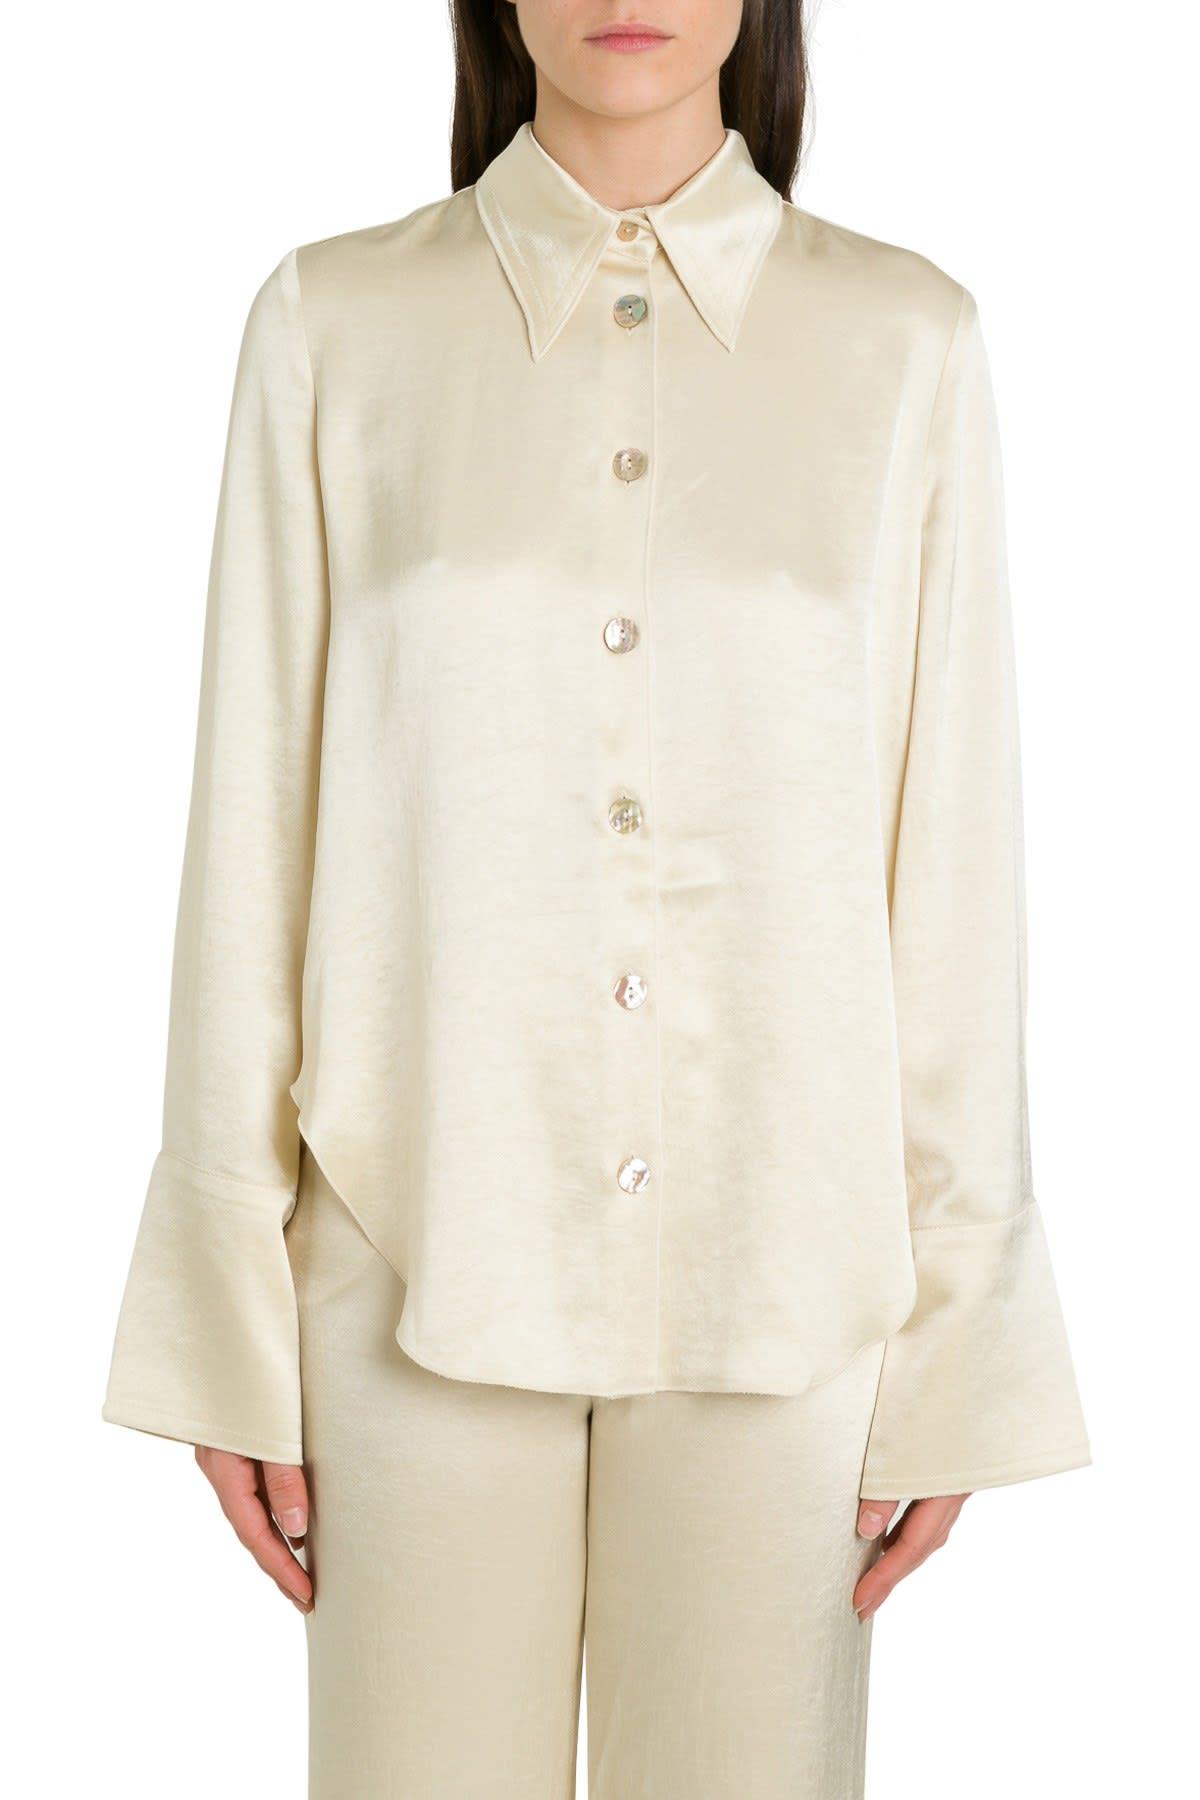 Nanushka Manine Satin Shirt